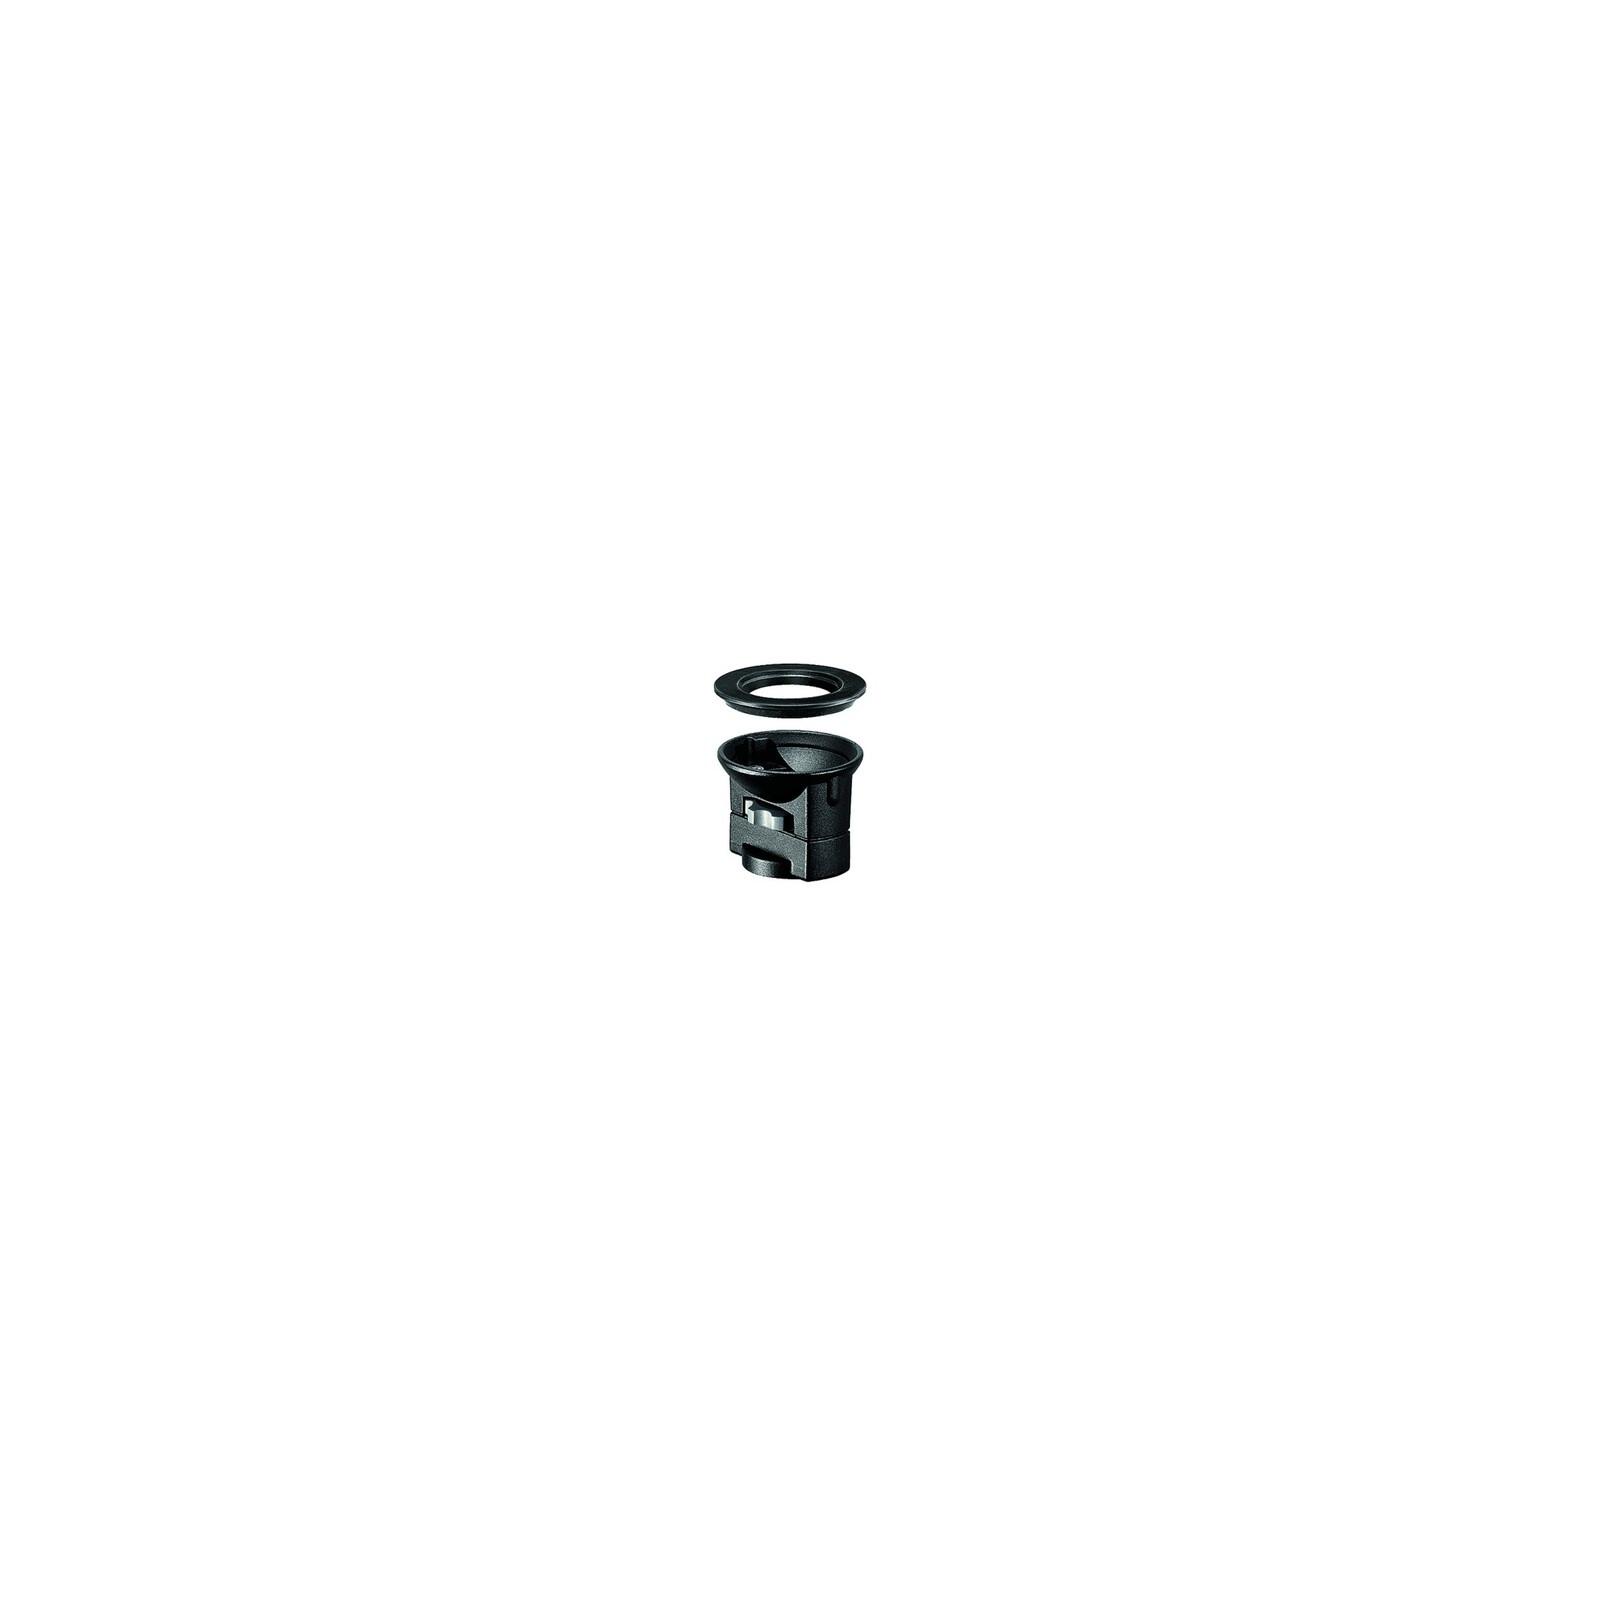 Manfrotto 325N Adapterhalbschale 75/100 mm